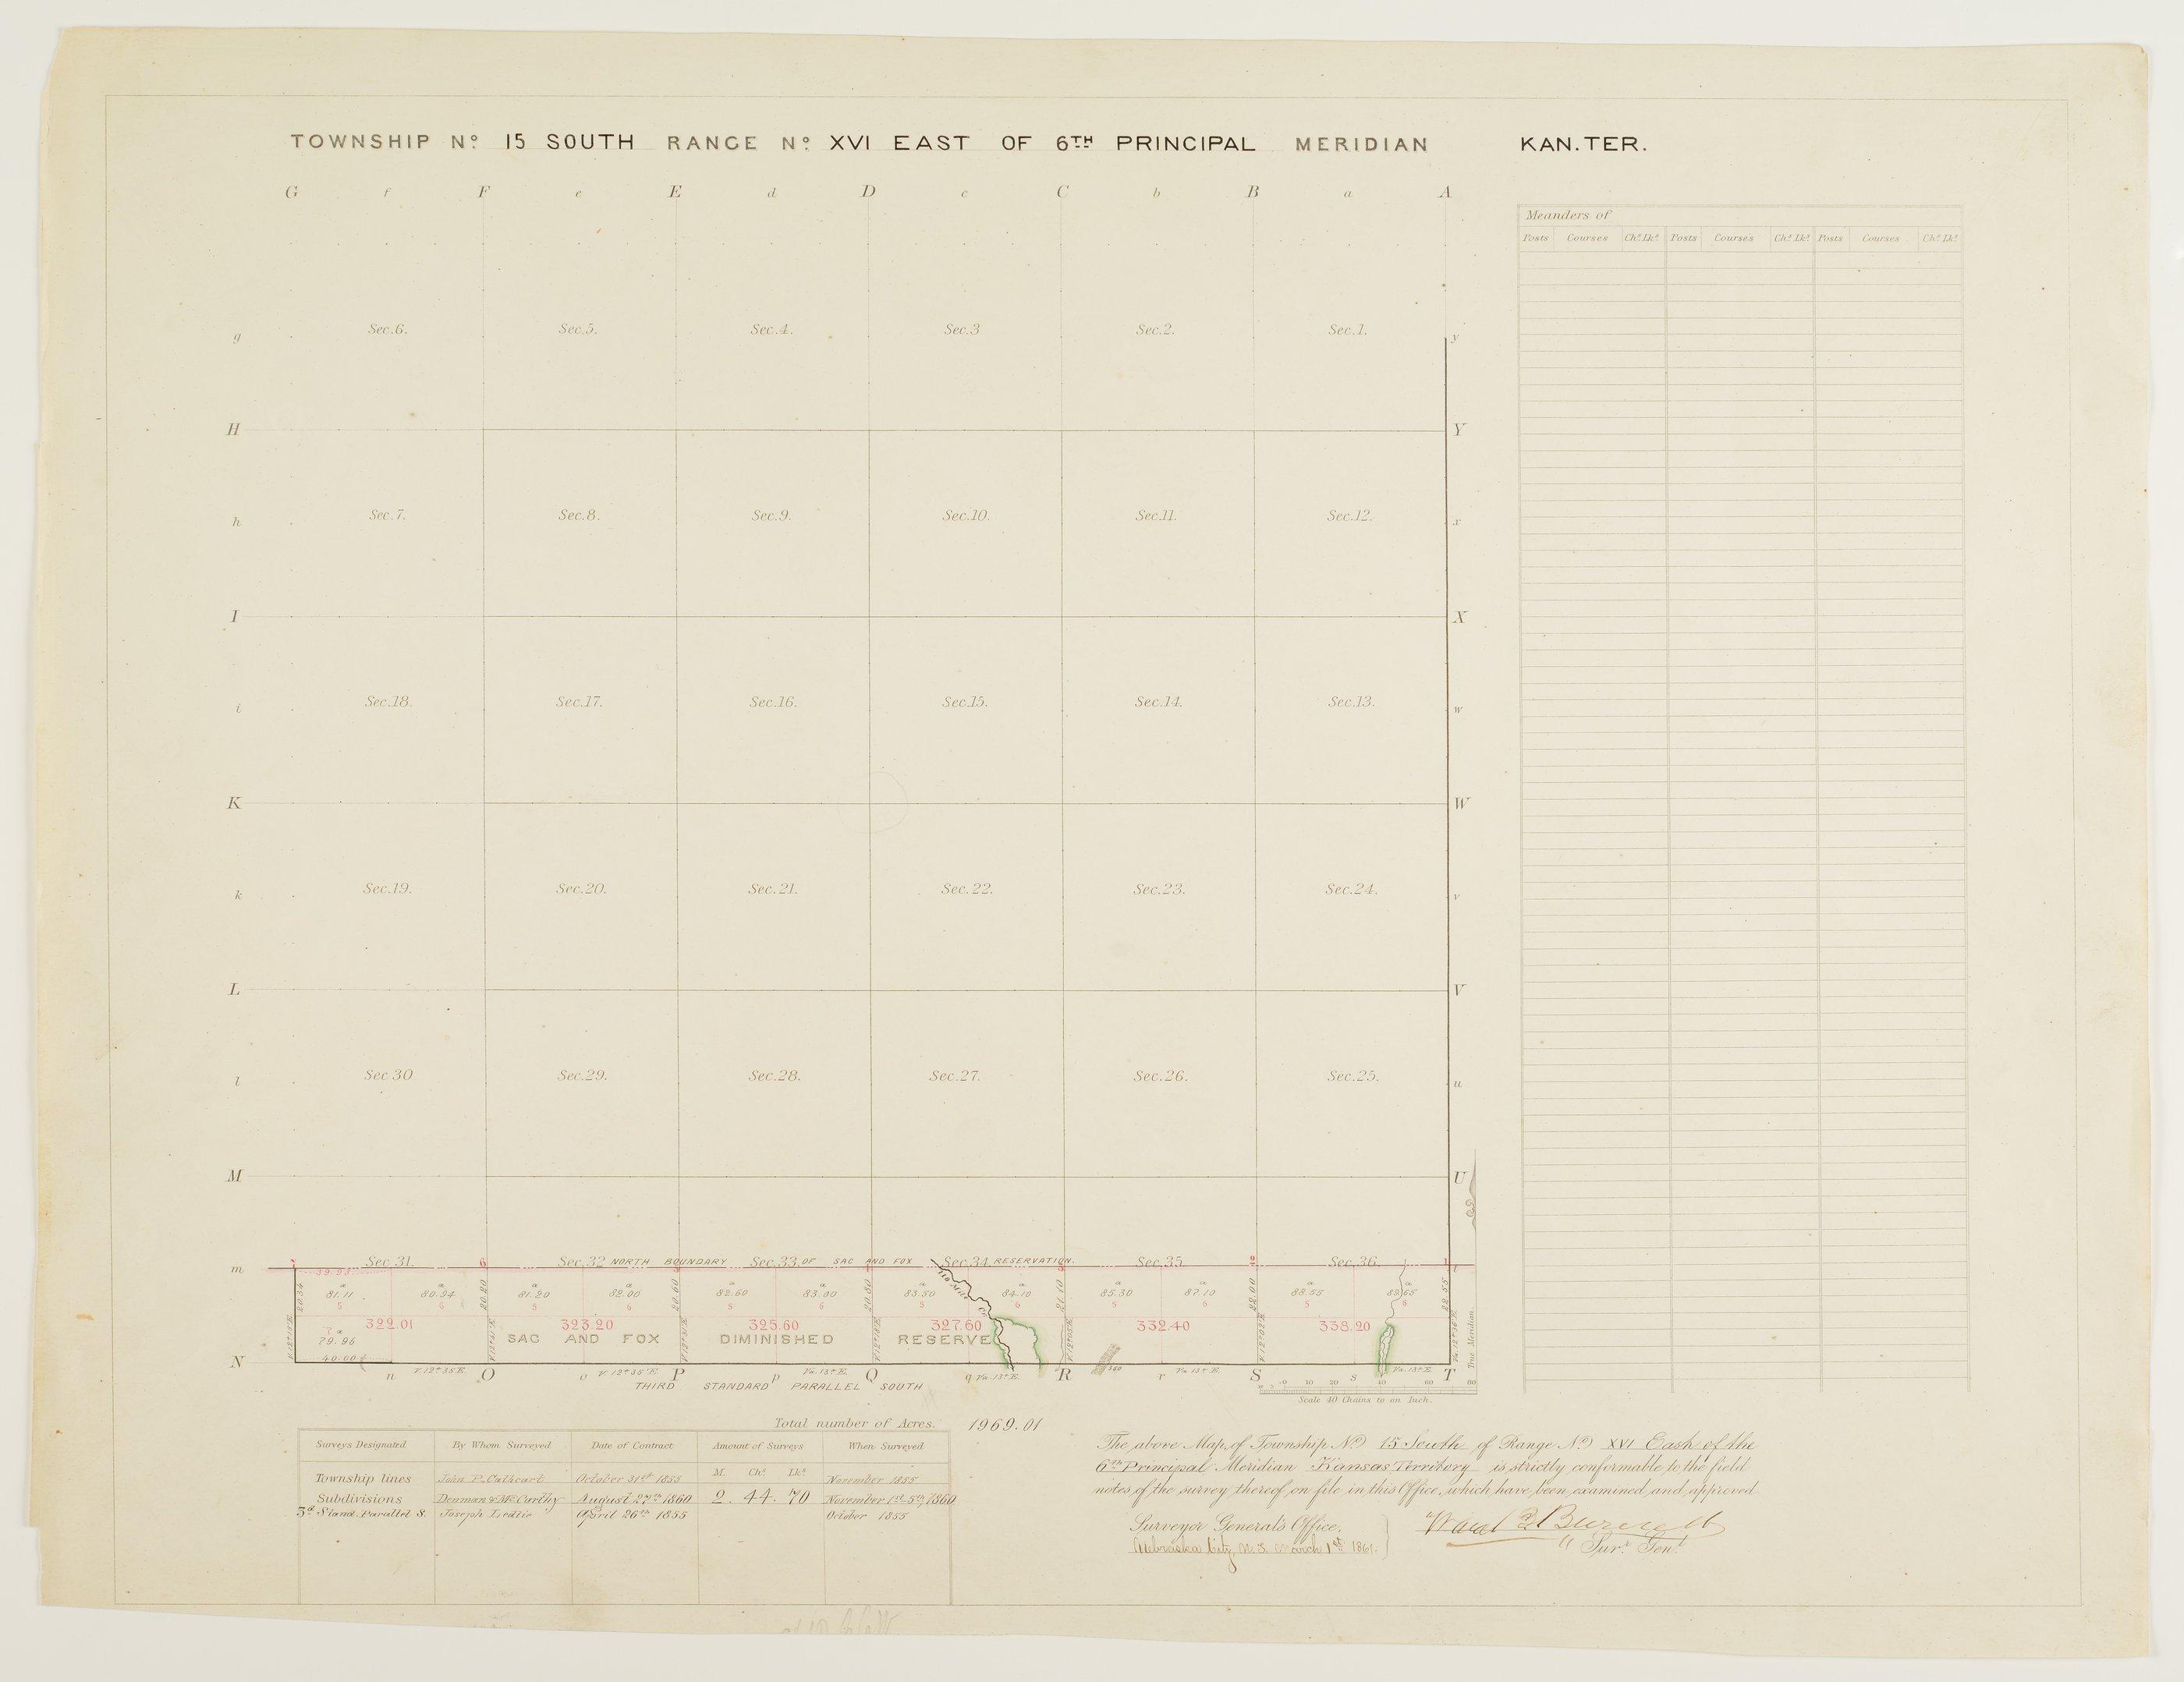 Kansas land survey plats - Township 15 South, Range 16 East